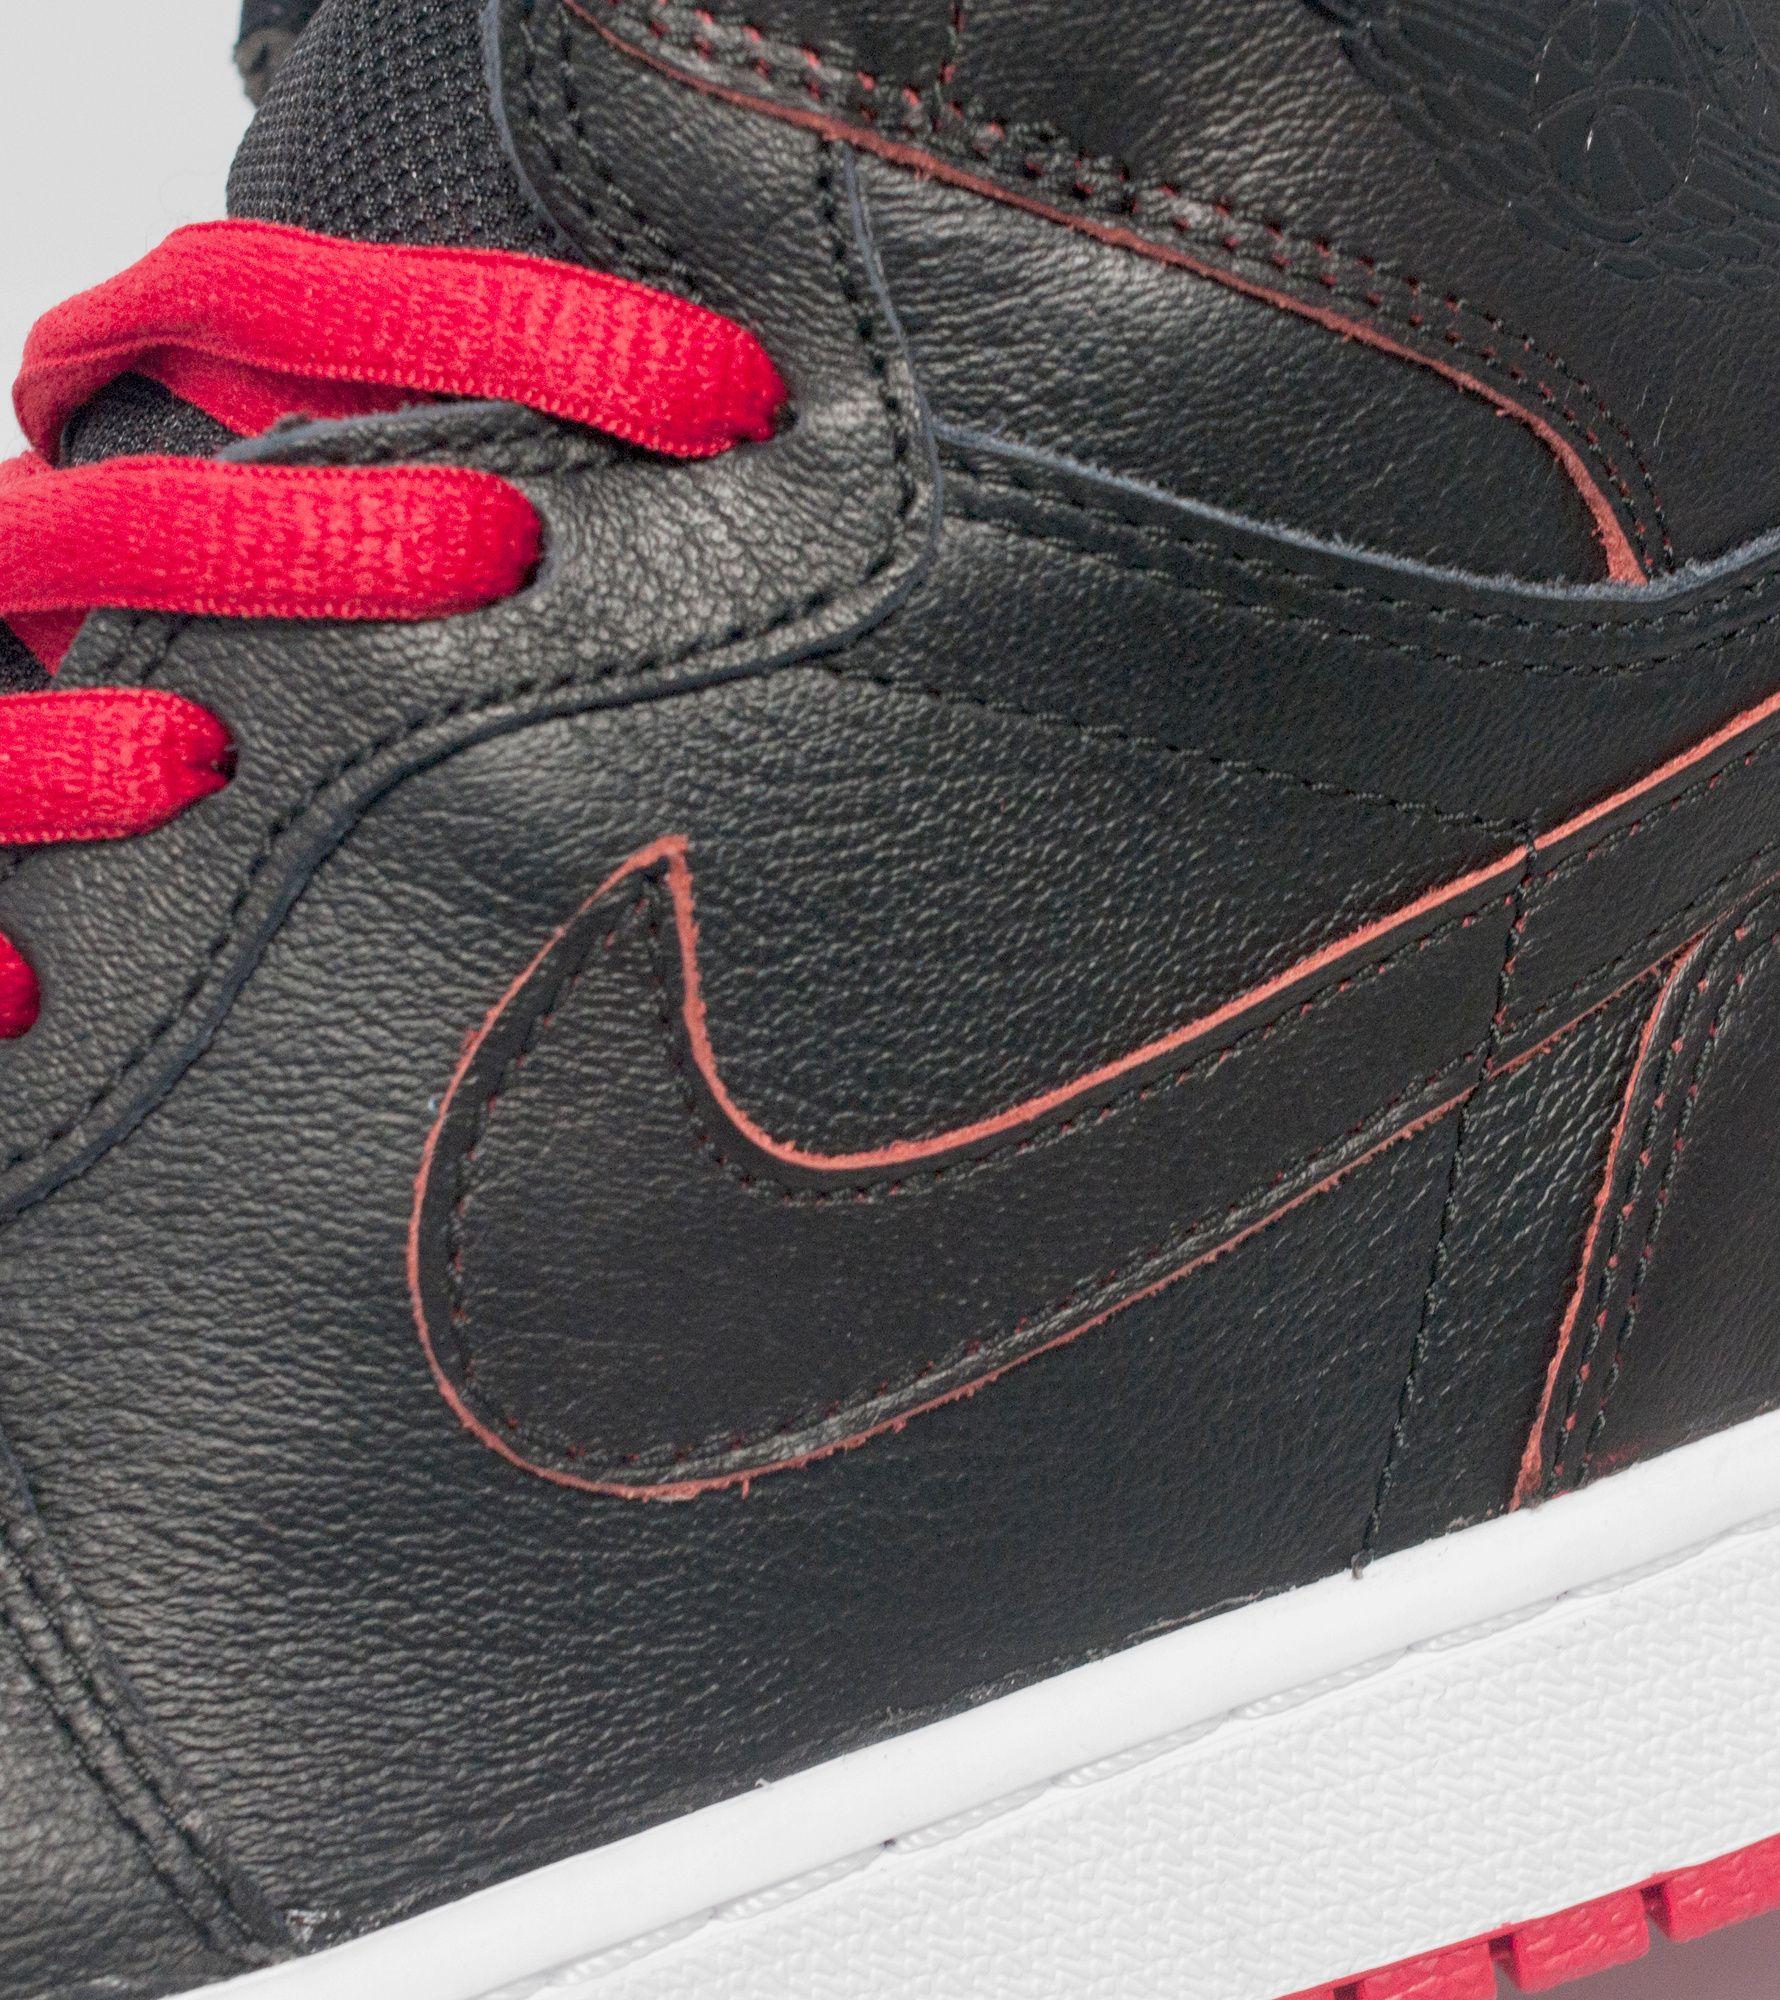 Jordan 1 x Nike SB 'Lance Mountain'